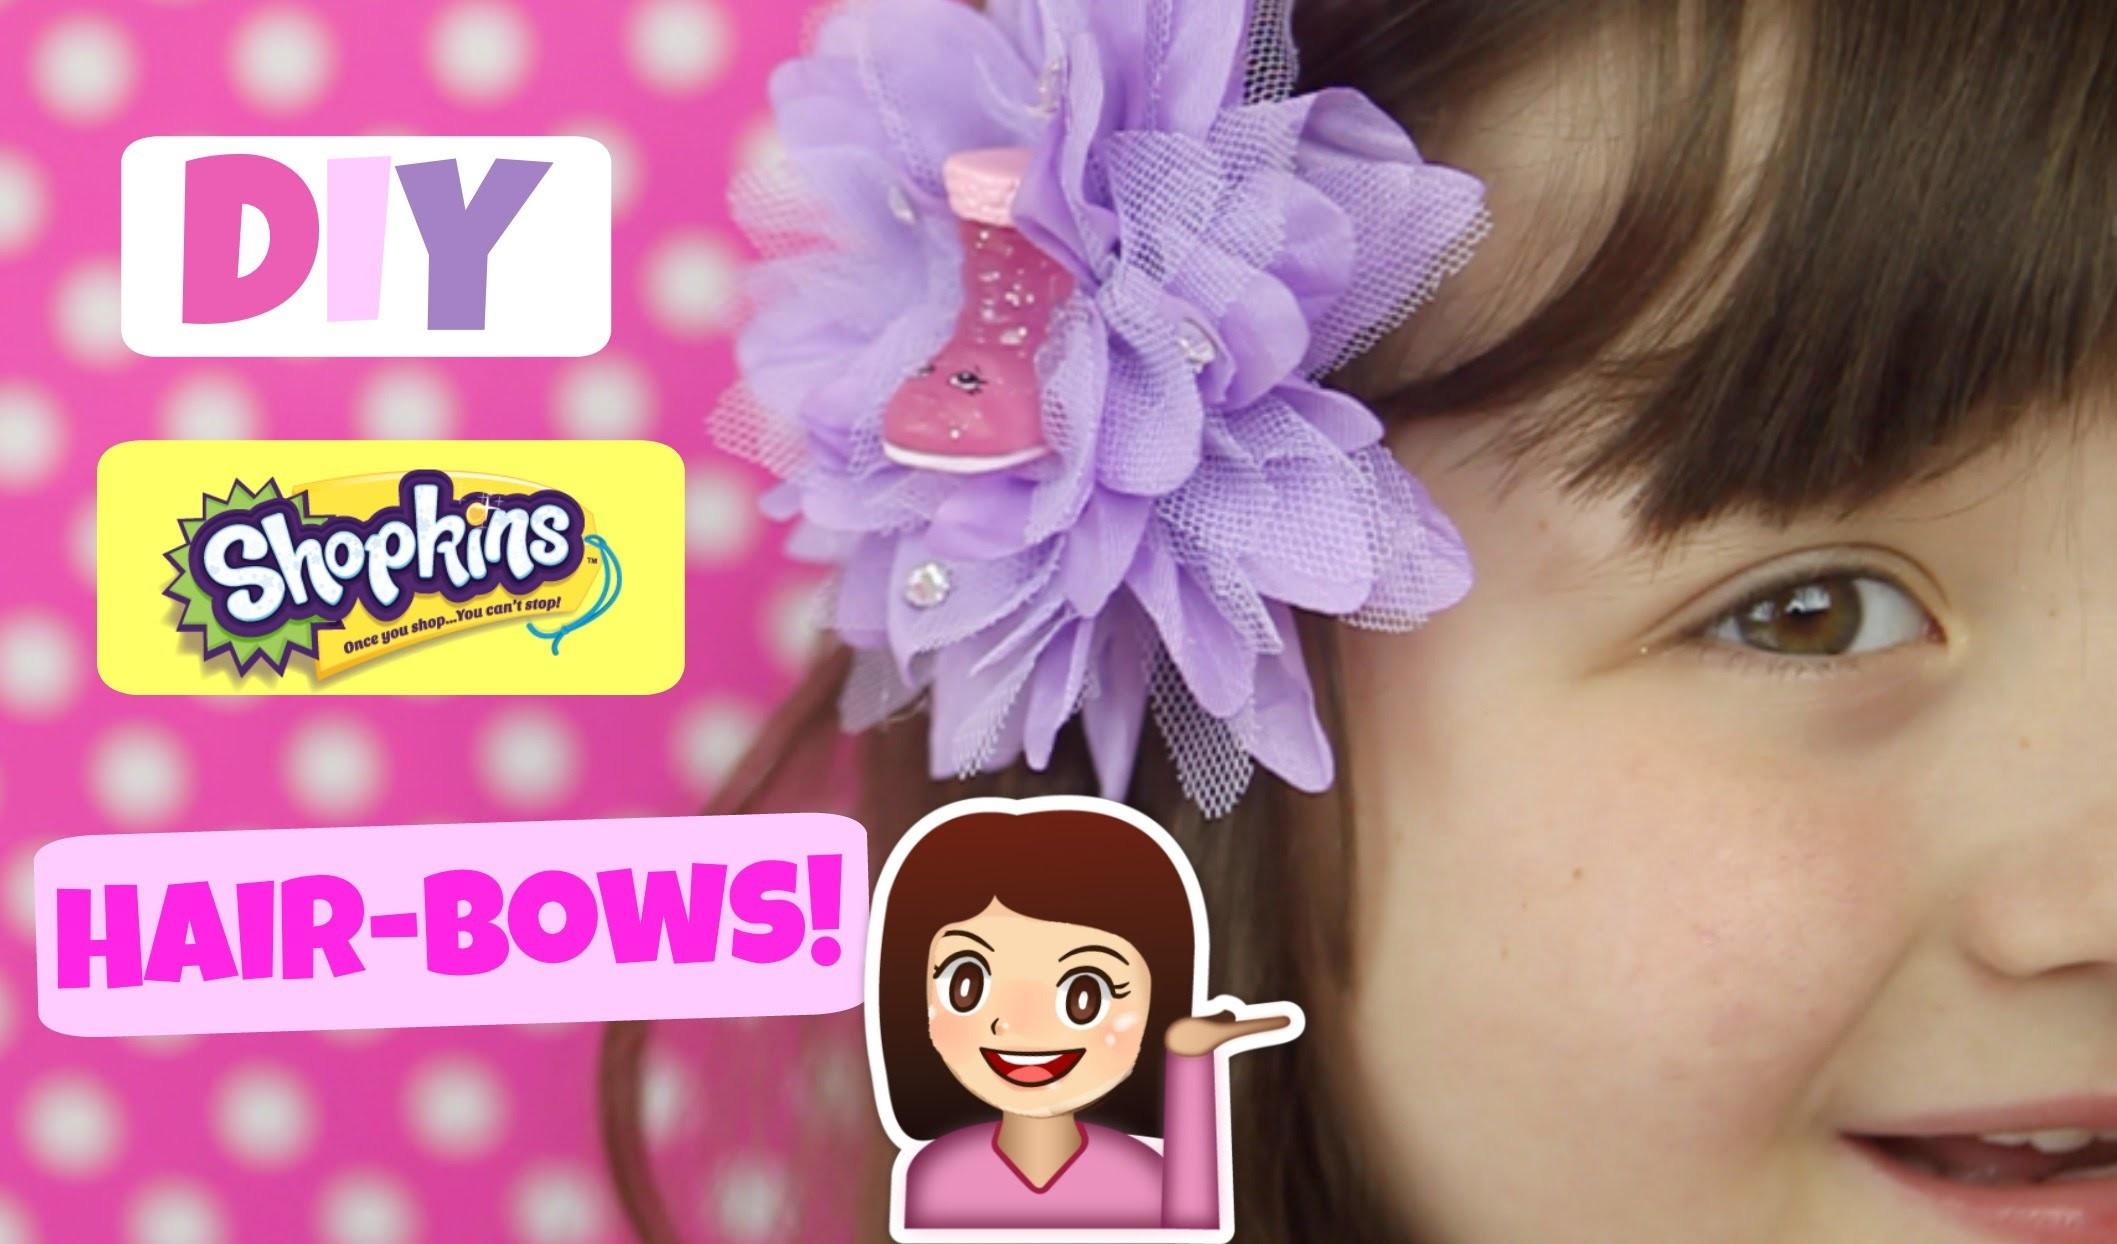 DIY SHOPKINS HAIR BOWS!  Super cute, super girly hair bows with Ultra Rare Cute Boot Shopkin Season2